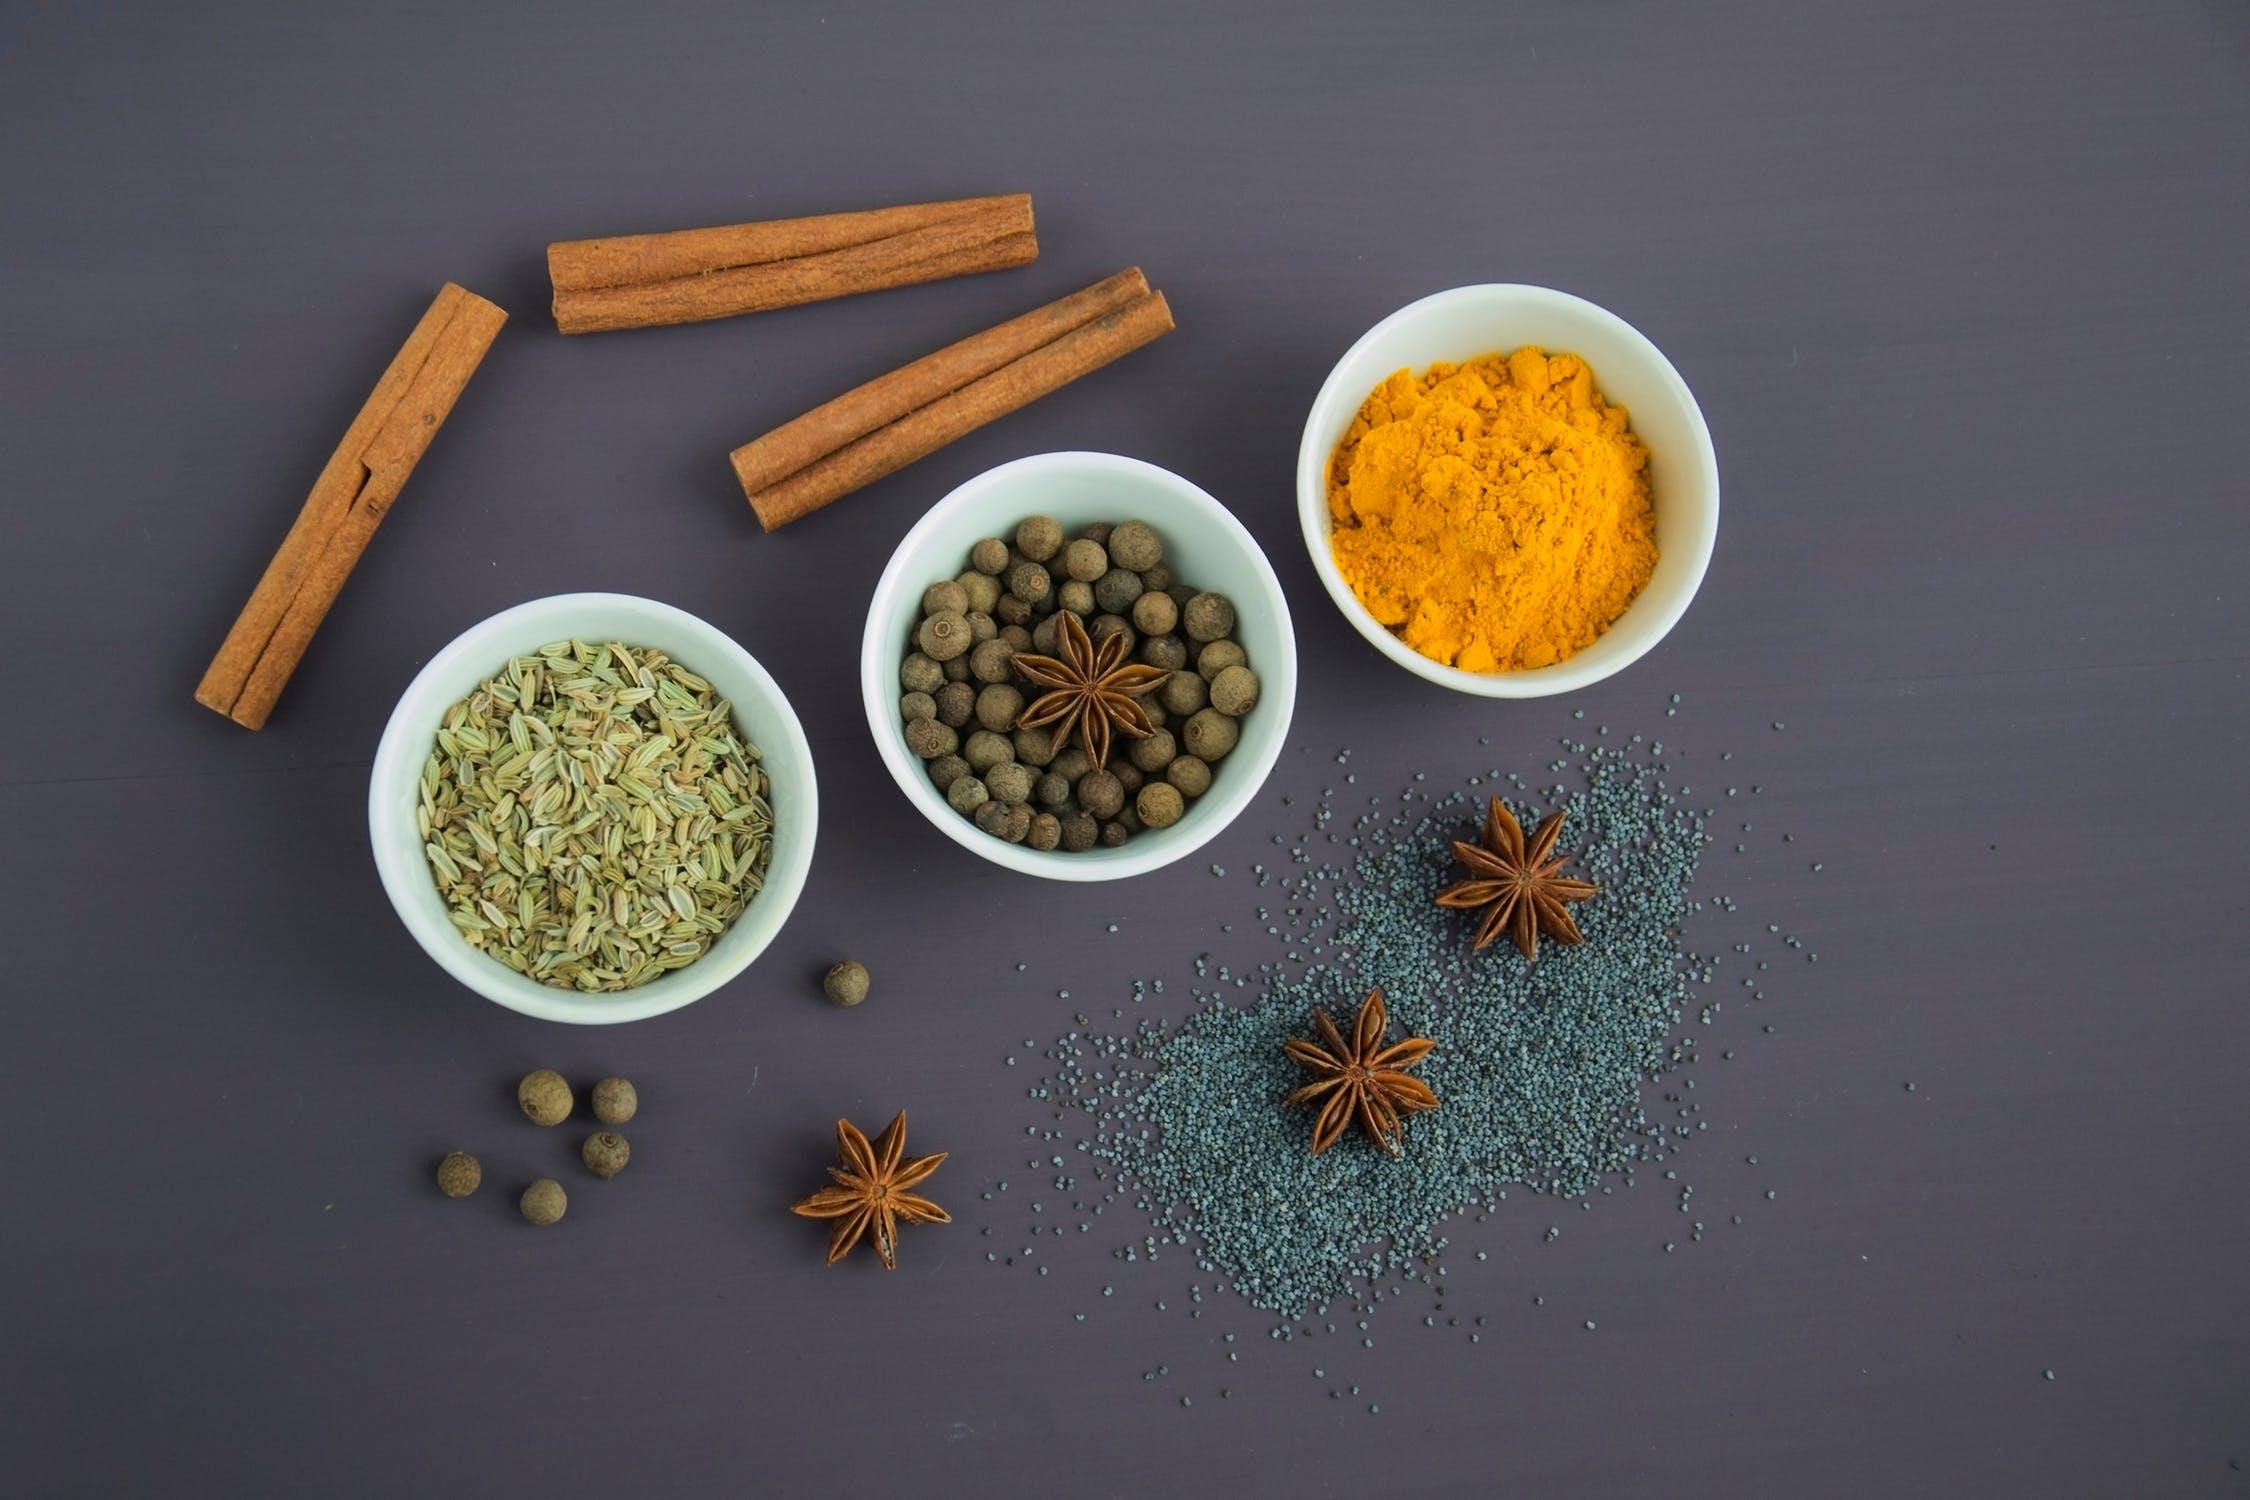 Herb week: Spice and wine pairing